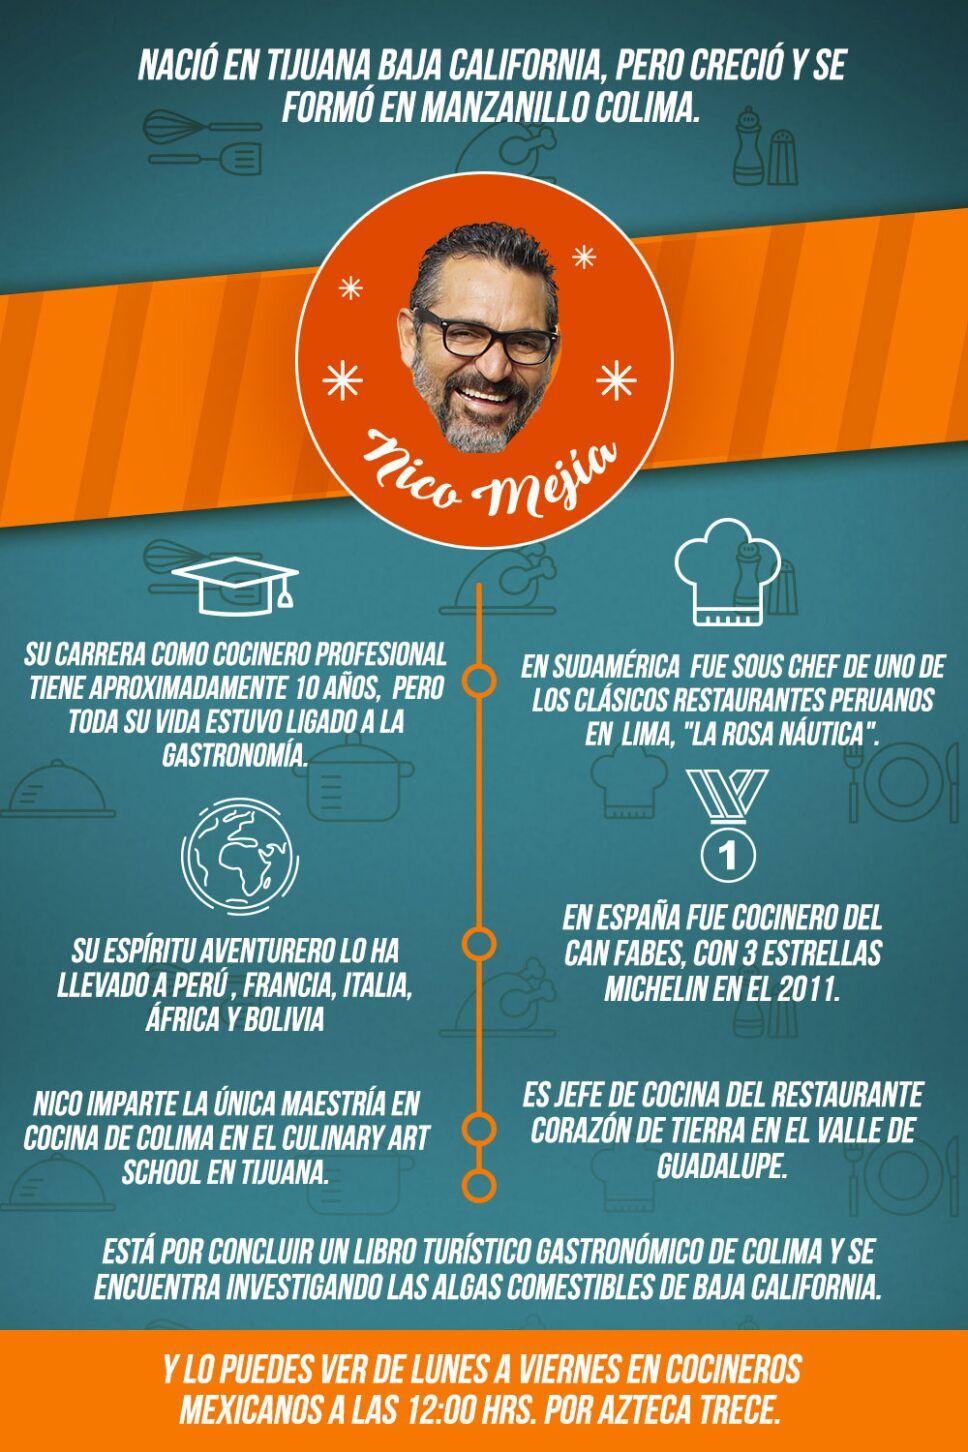 Nico Mejia, cocineros mexicanos